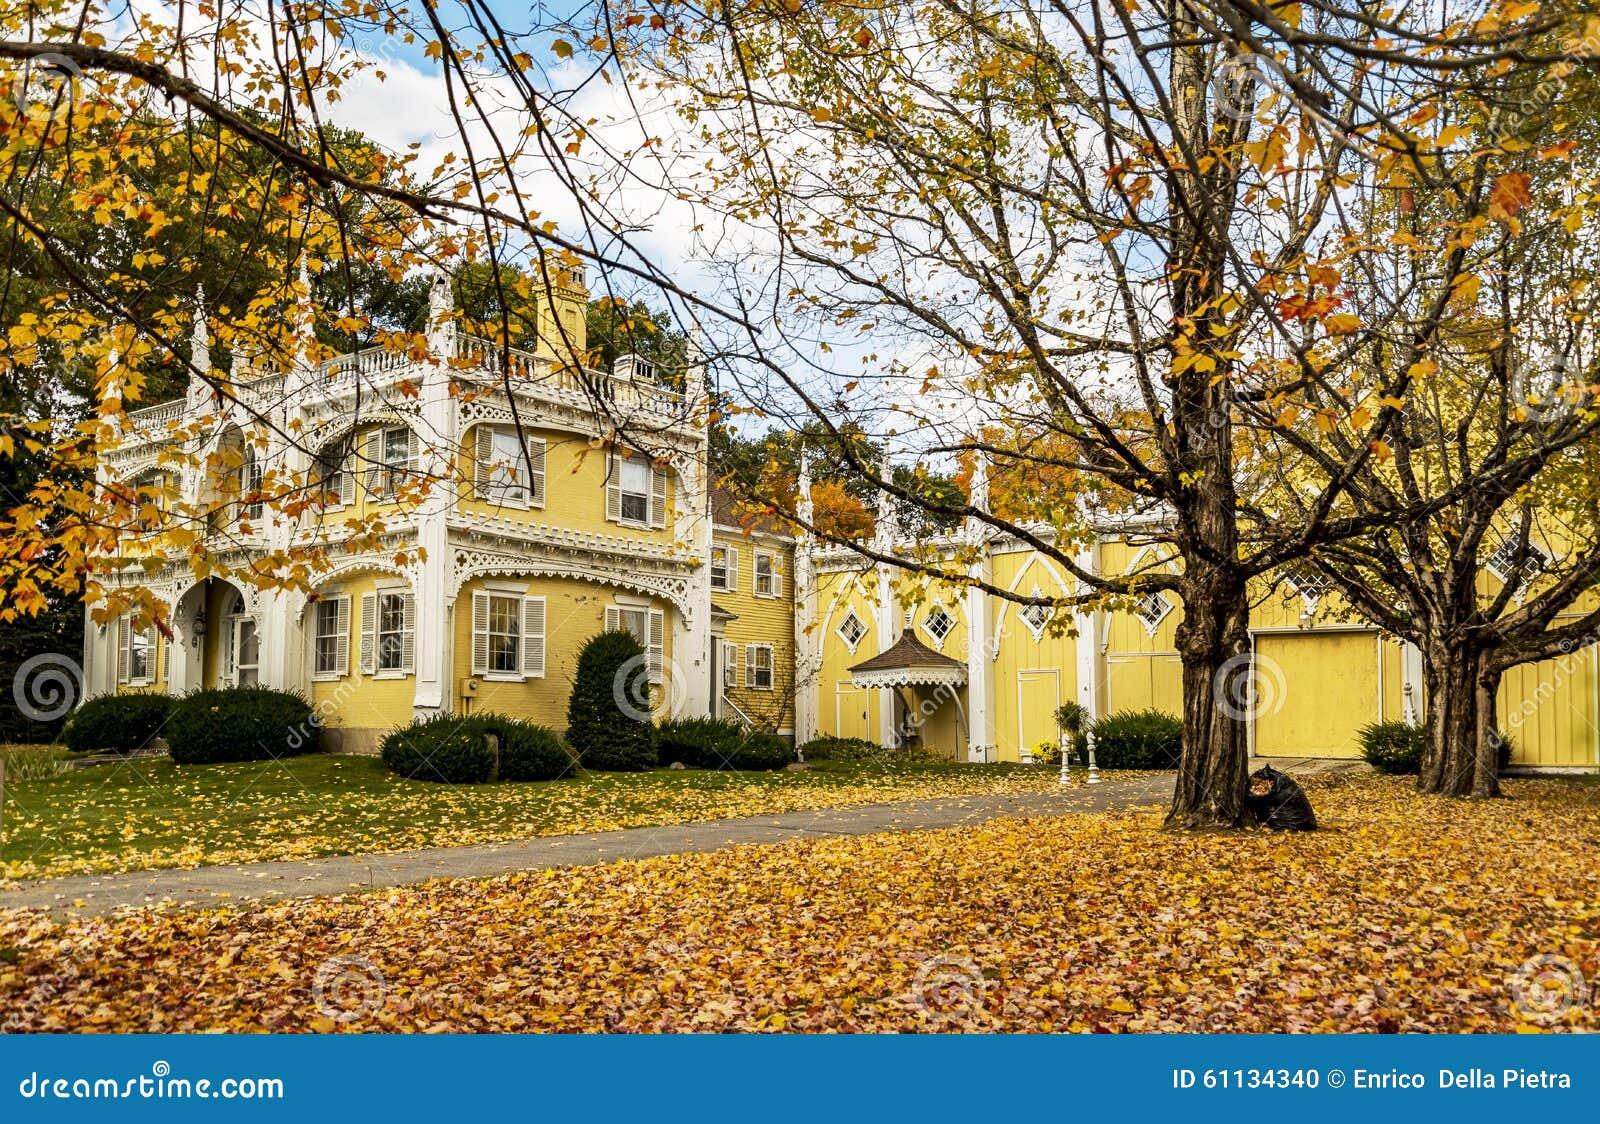 Wedding Cake House stock photo. Image of historic, winter - 61134340